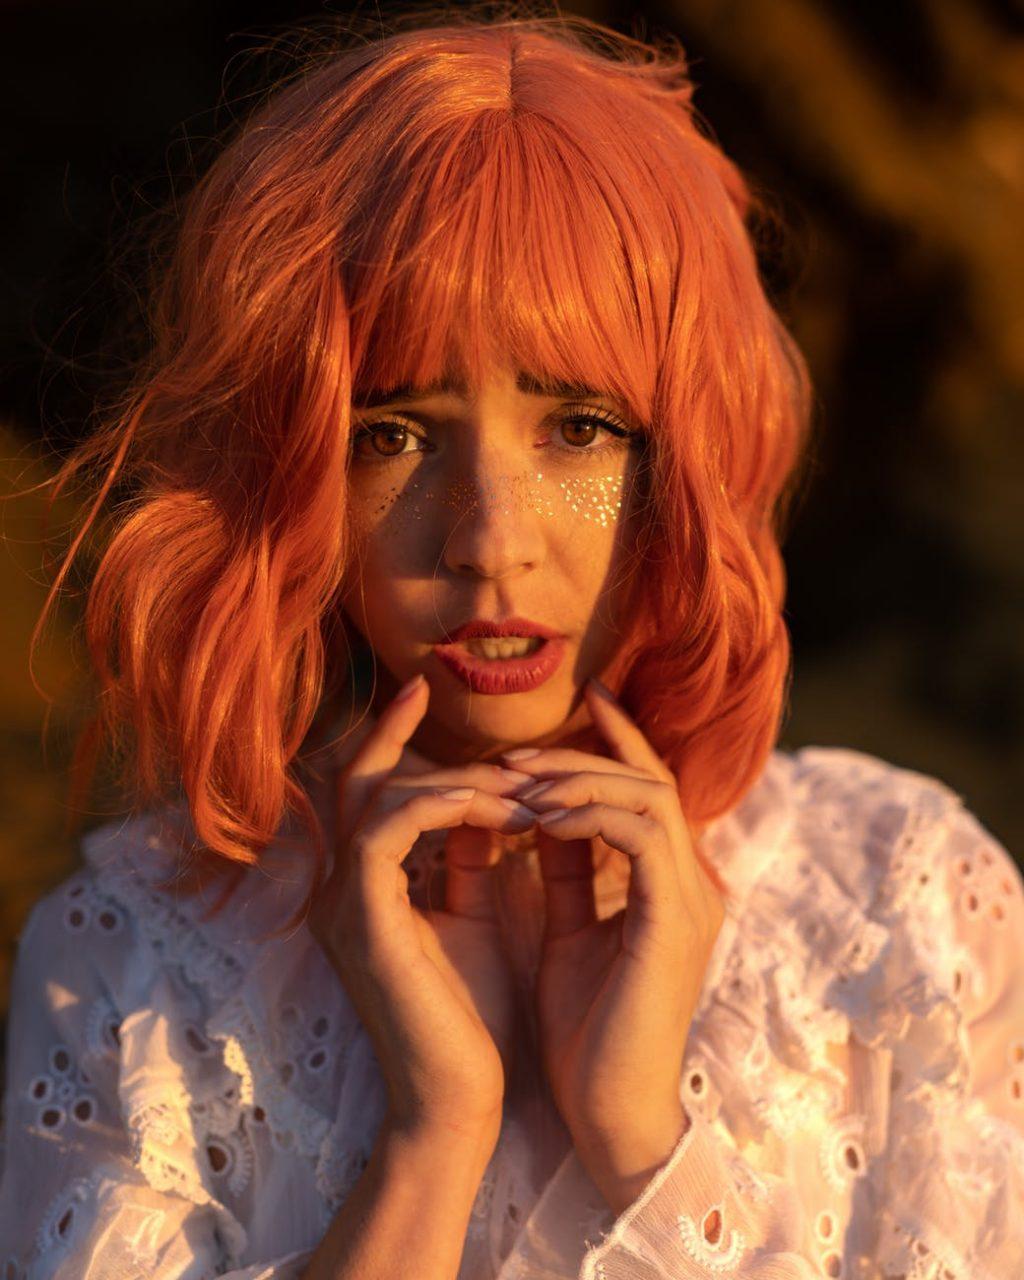 Chăm sóc da mặt-Cô gái tóc đỏ.